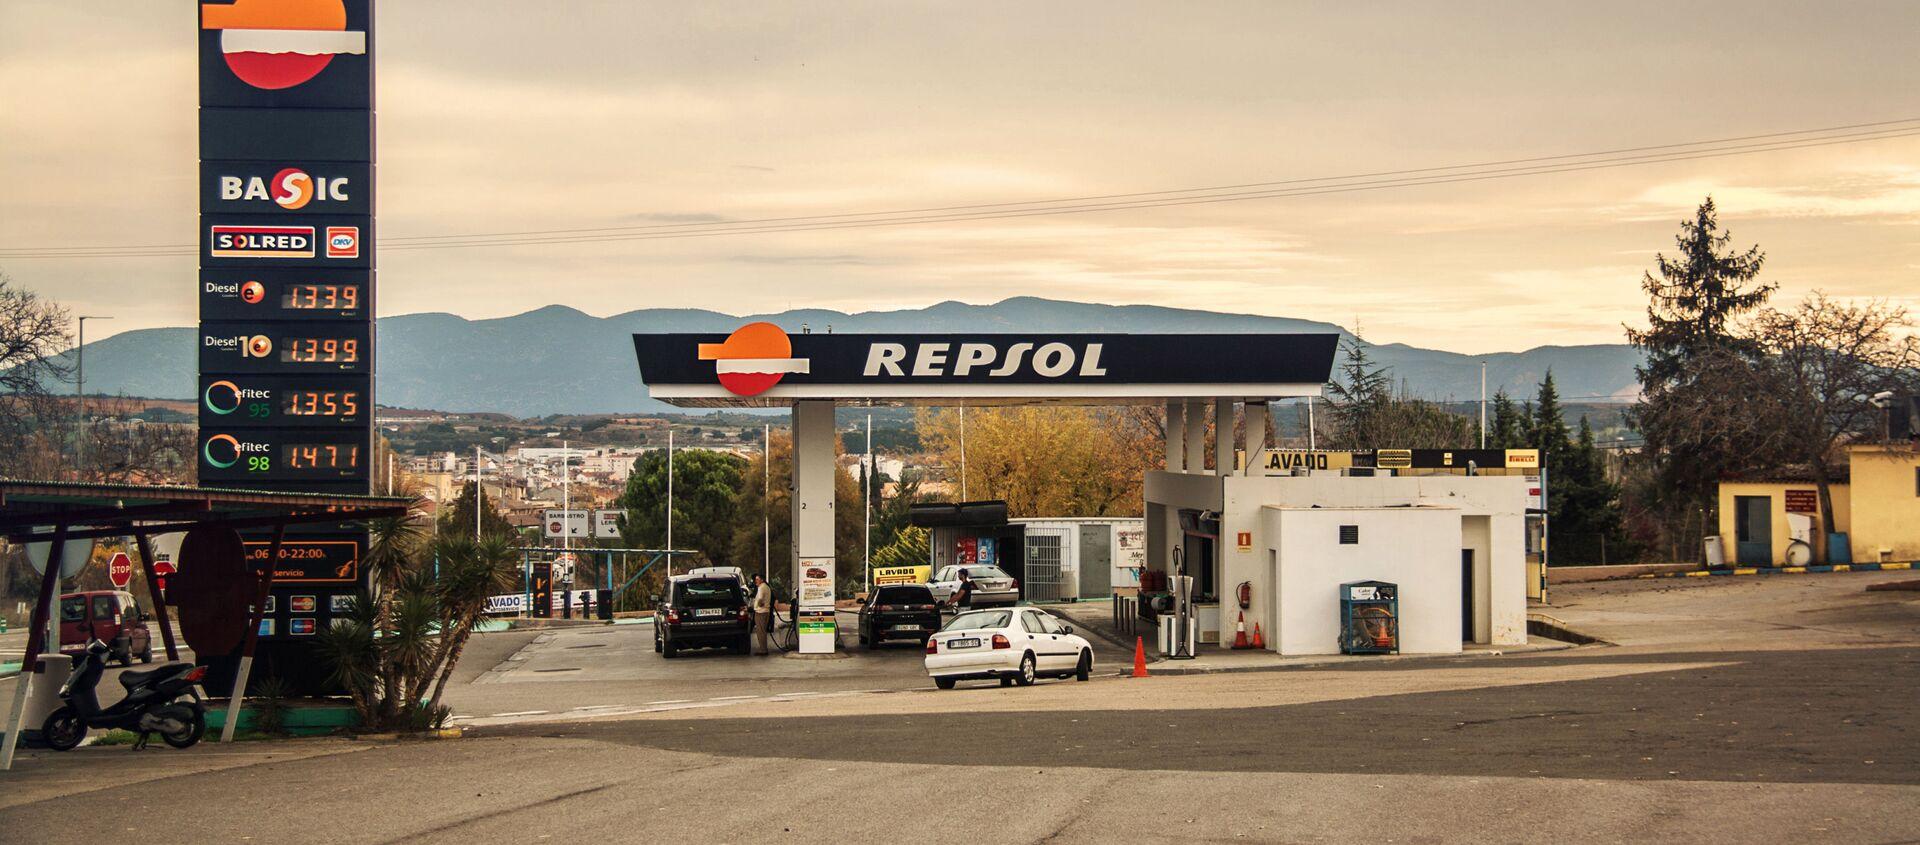 Gasolinera de Repsol - Sputnik Mundo, 1920, 05.08.2020